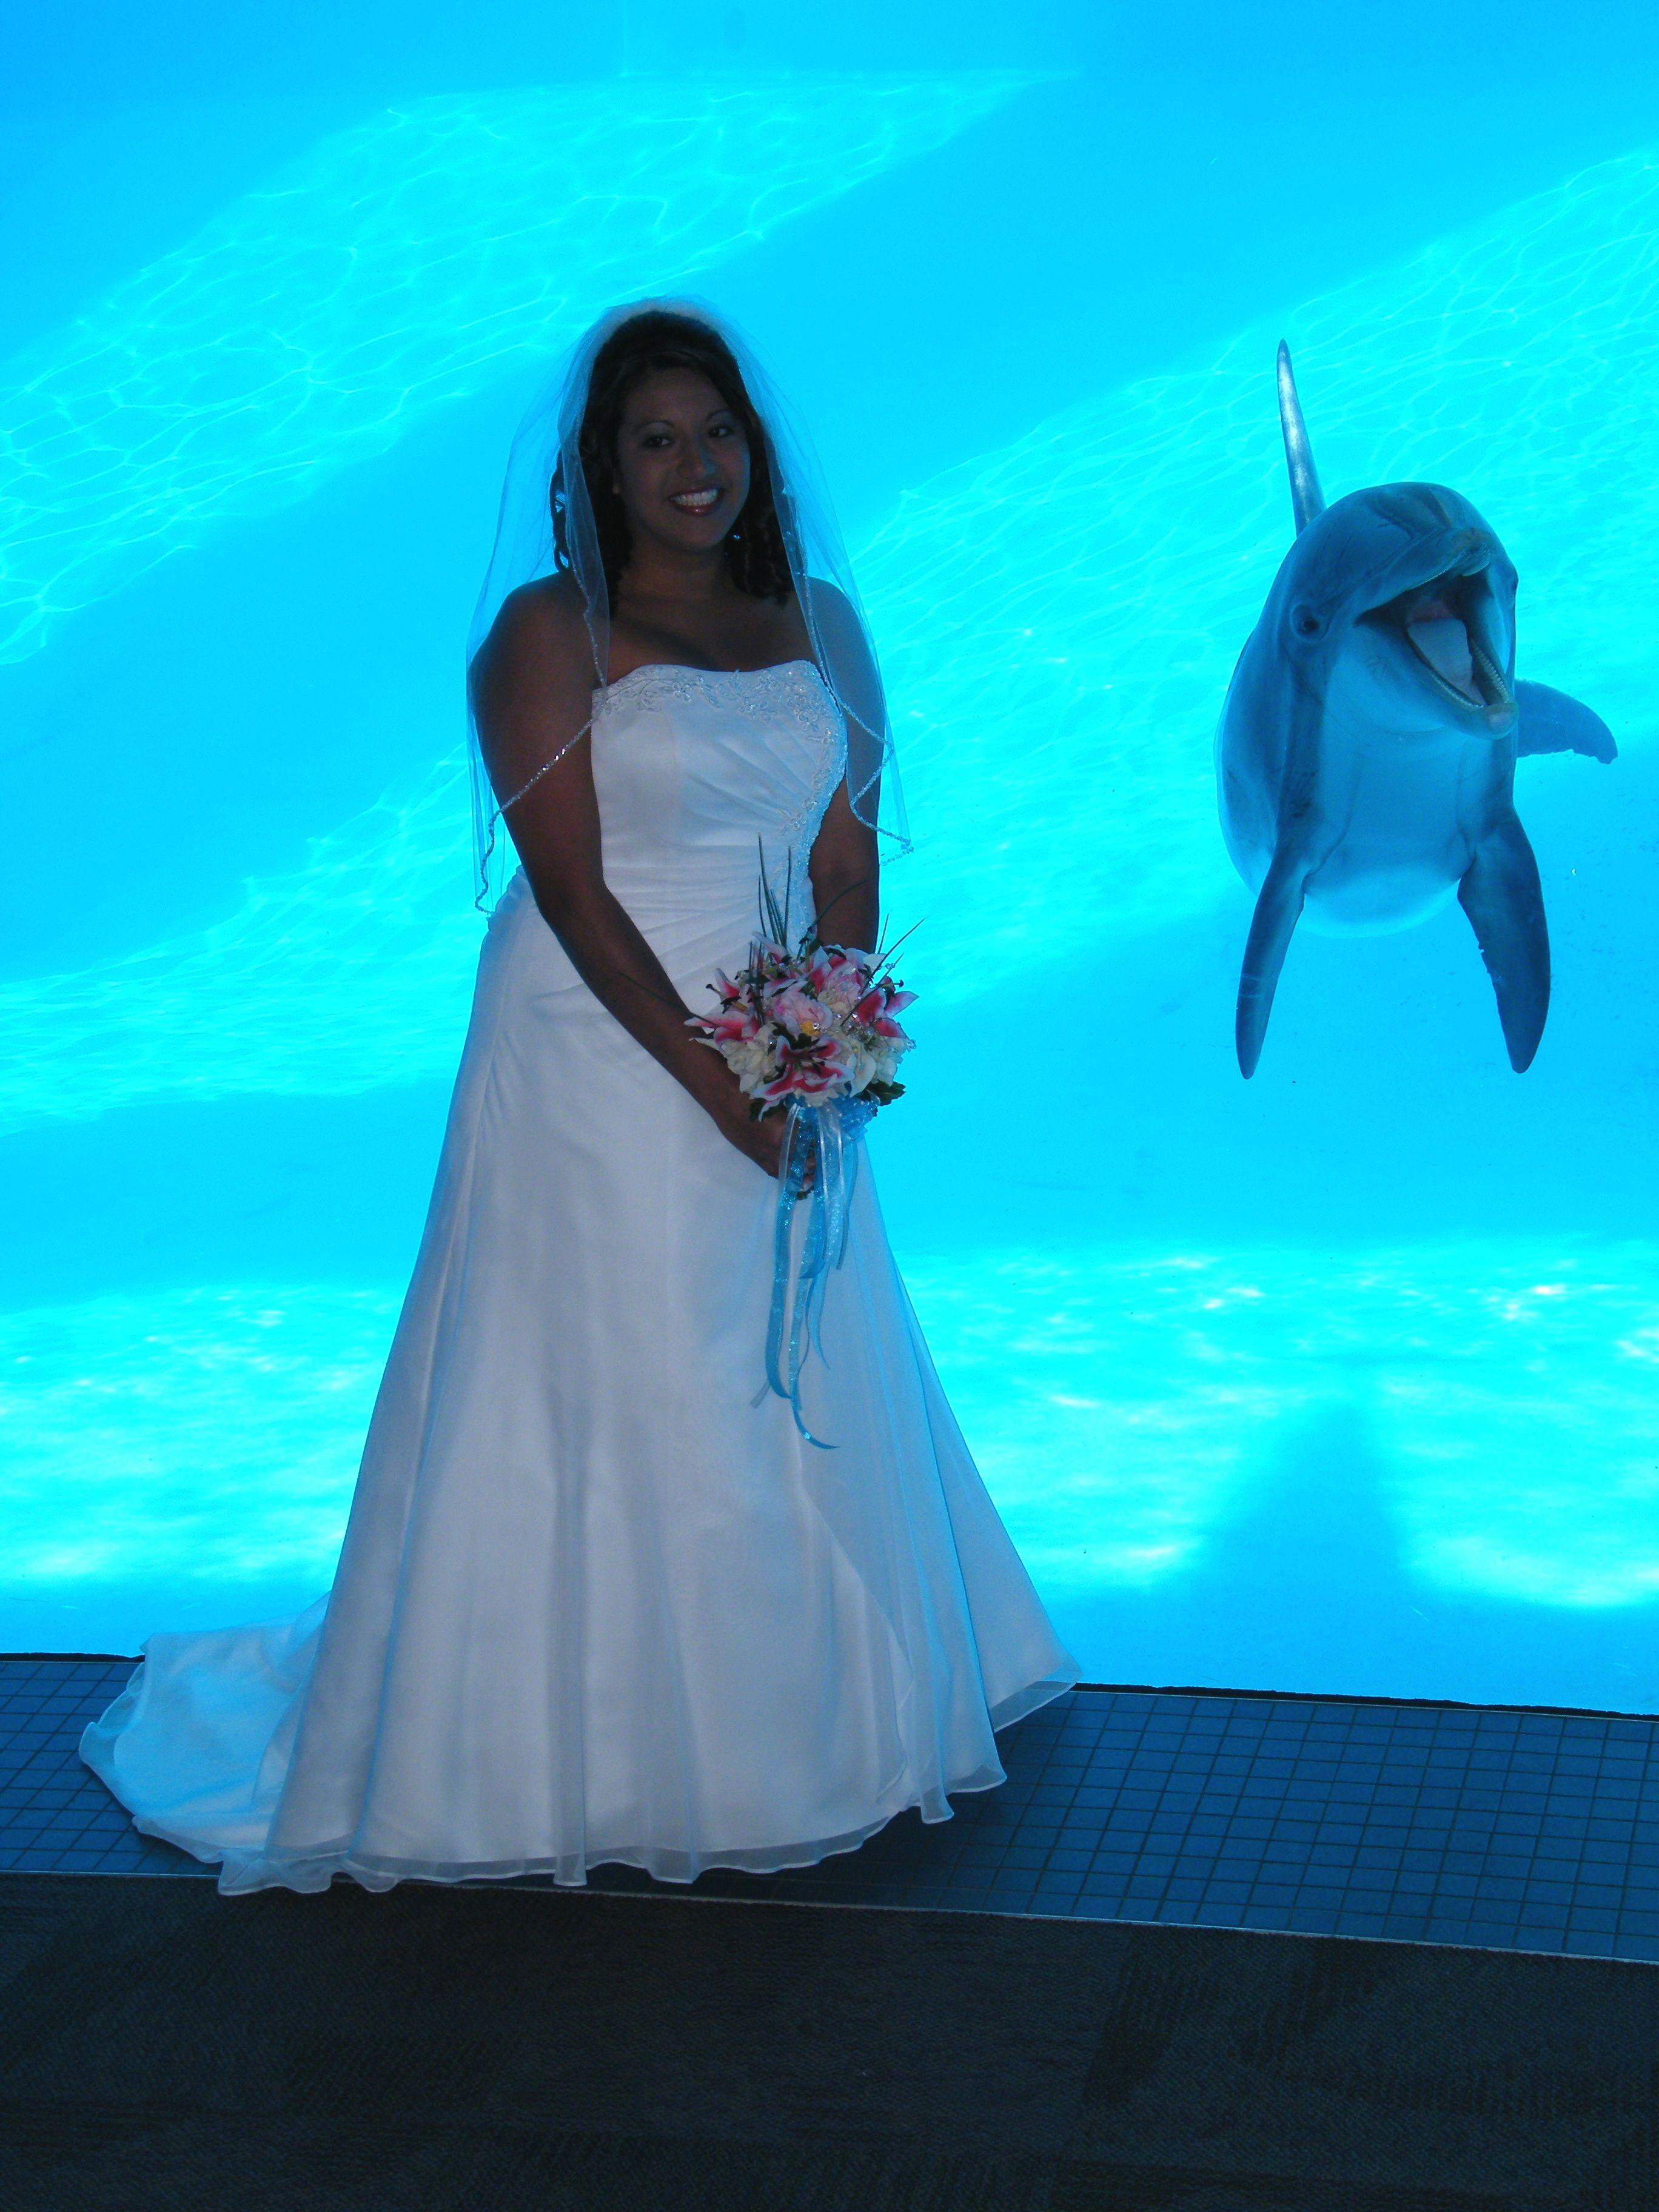 2d041a4626d0ccd6a4c5561daefb9298 Frais De Aquarium Design Pas Cher Conception